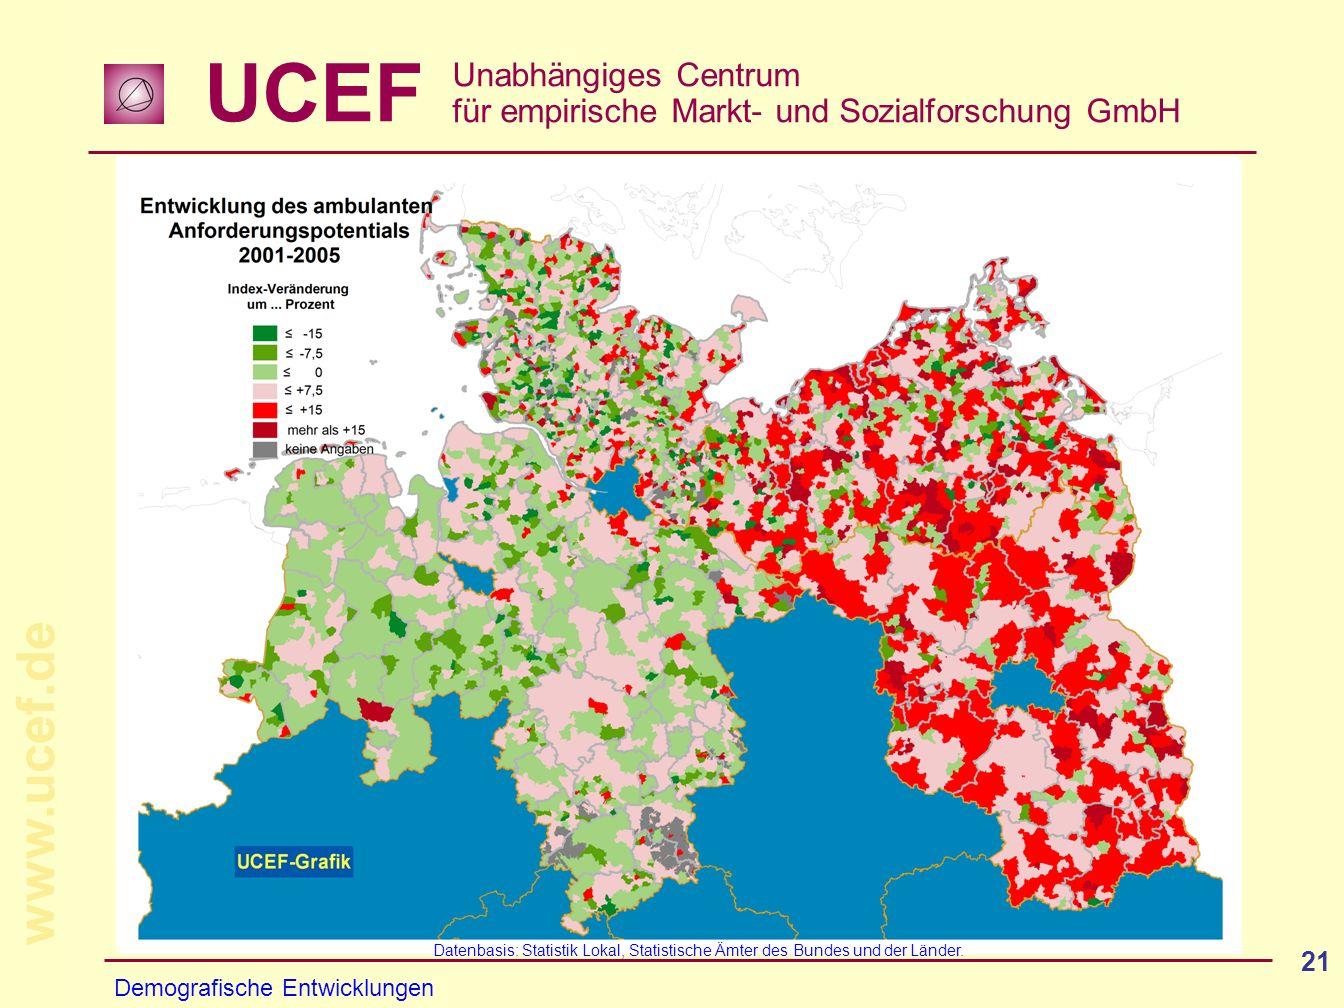 UCEF Unabhängiges Centrum für empirische Markt- und Sozialforschung GmbH www.ucef.de 21 Kinder unter 6 Jahre + Ältere ab 60 Jahre Bevölkerung zwischen